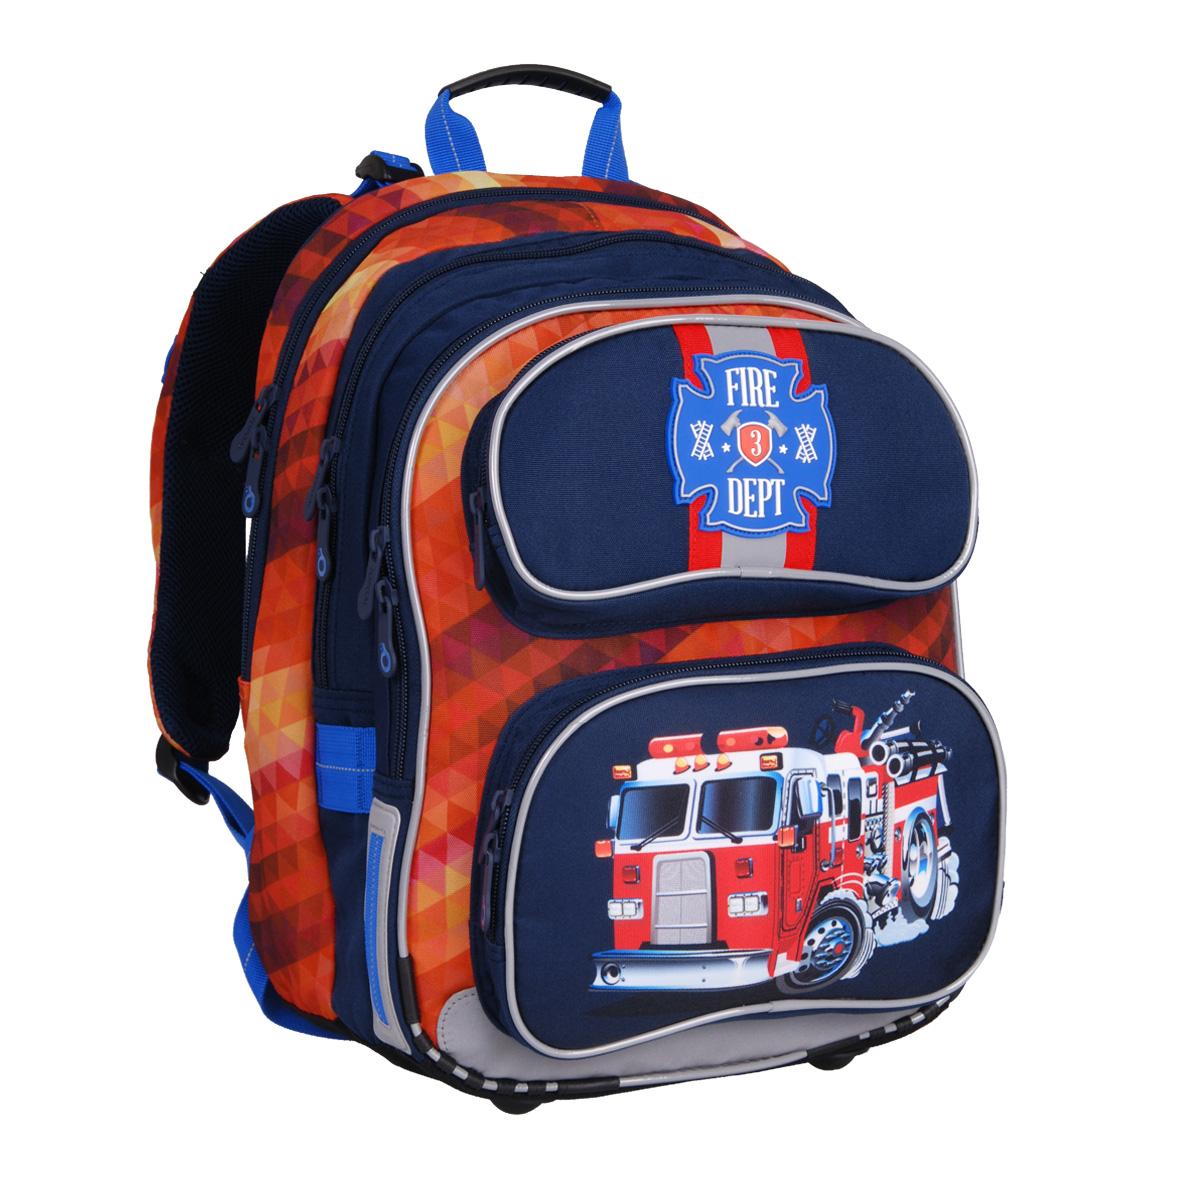 2af6bbee06a Mezi klučičími batohy je naším favoritem batoh s hasičským autem s velmi  energickou kombinací barev modrá a červená.